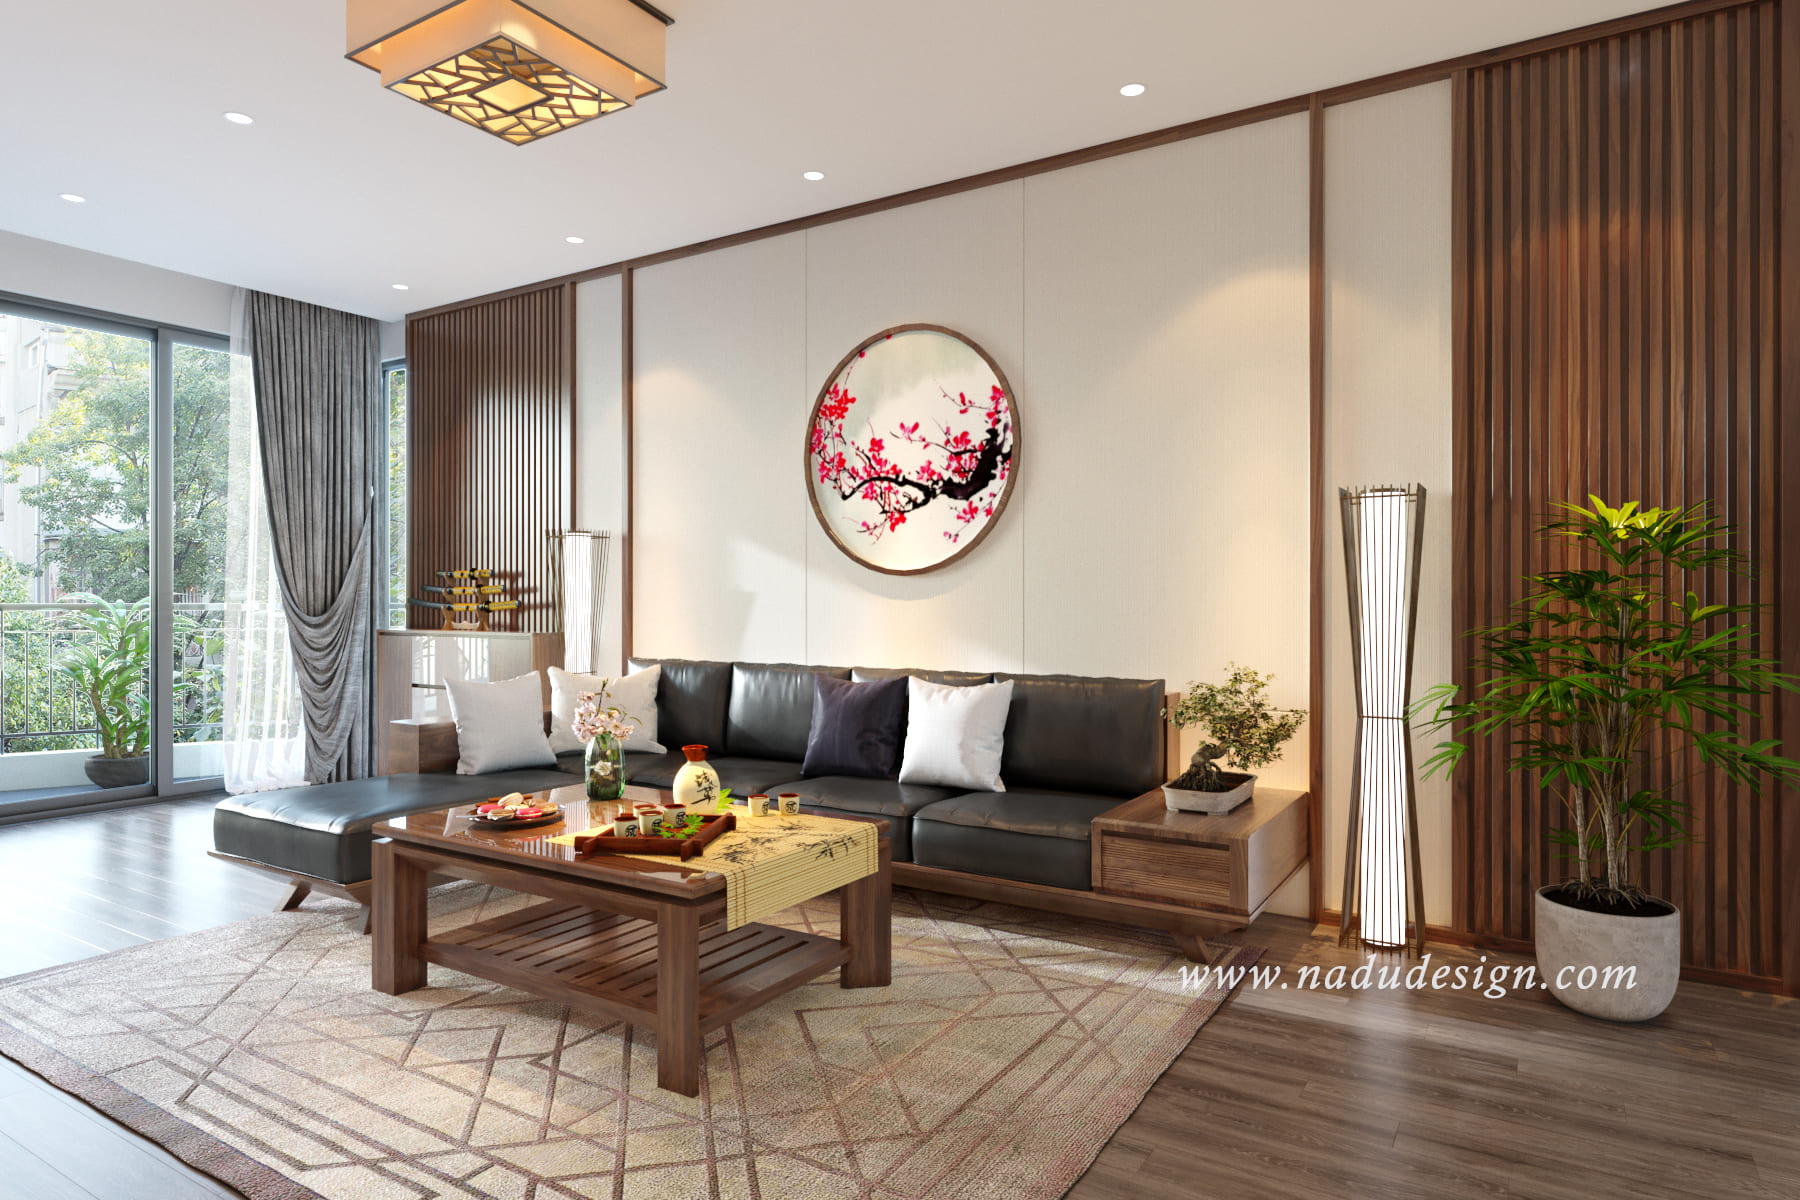 thiết kế nội thất chung cư đẹp - tạo điểm nhấn